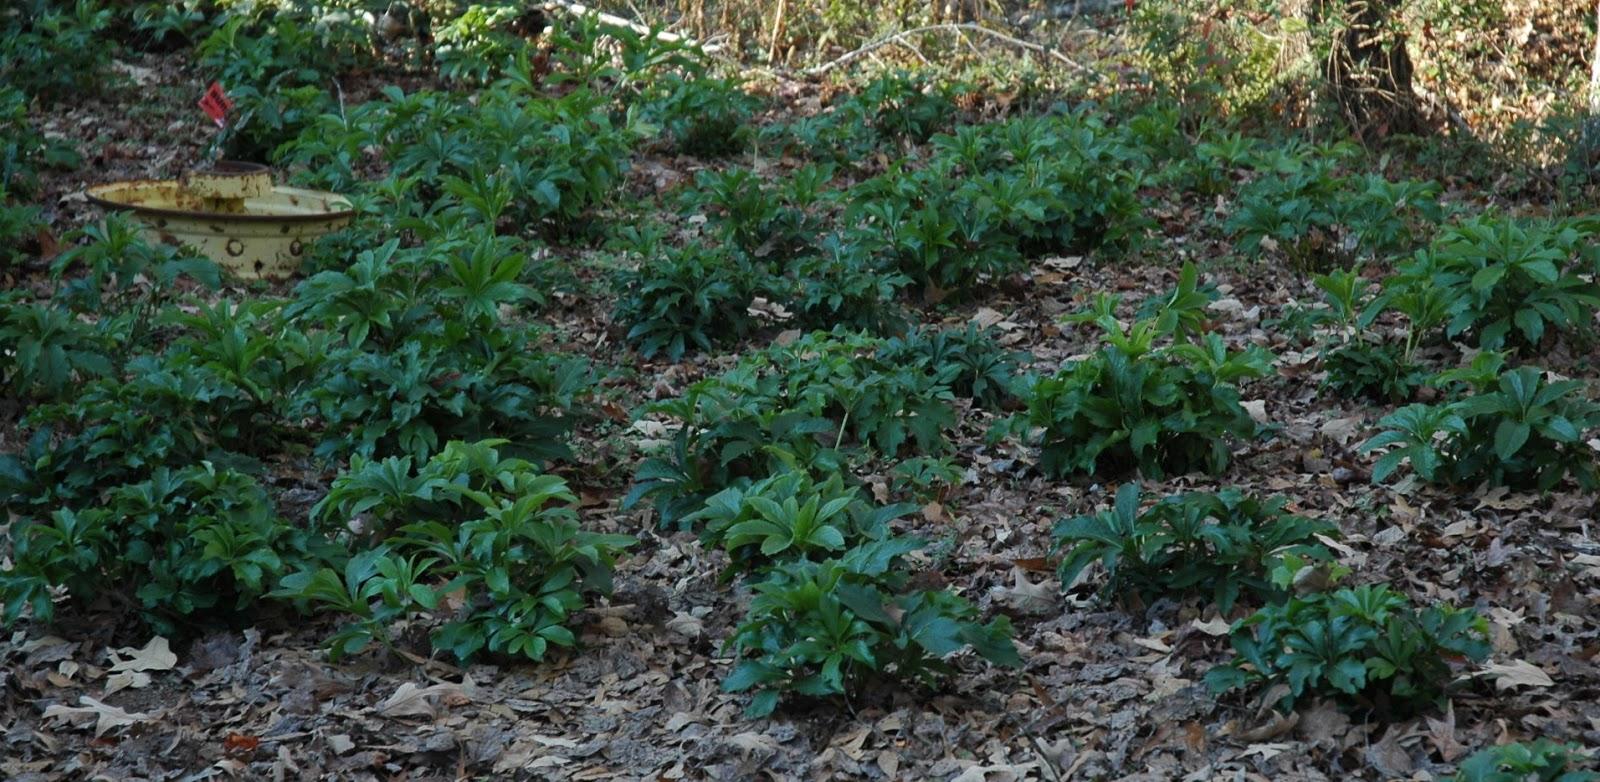 Lenten Rose Summer Ground Cover And The Lenten Rose